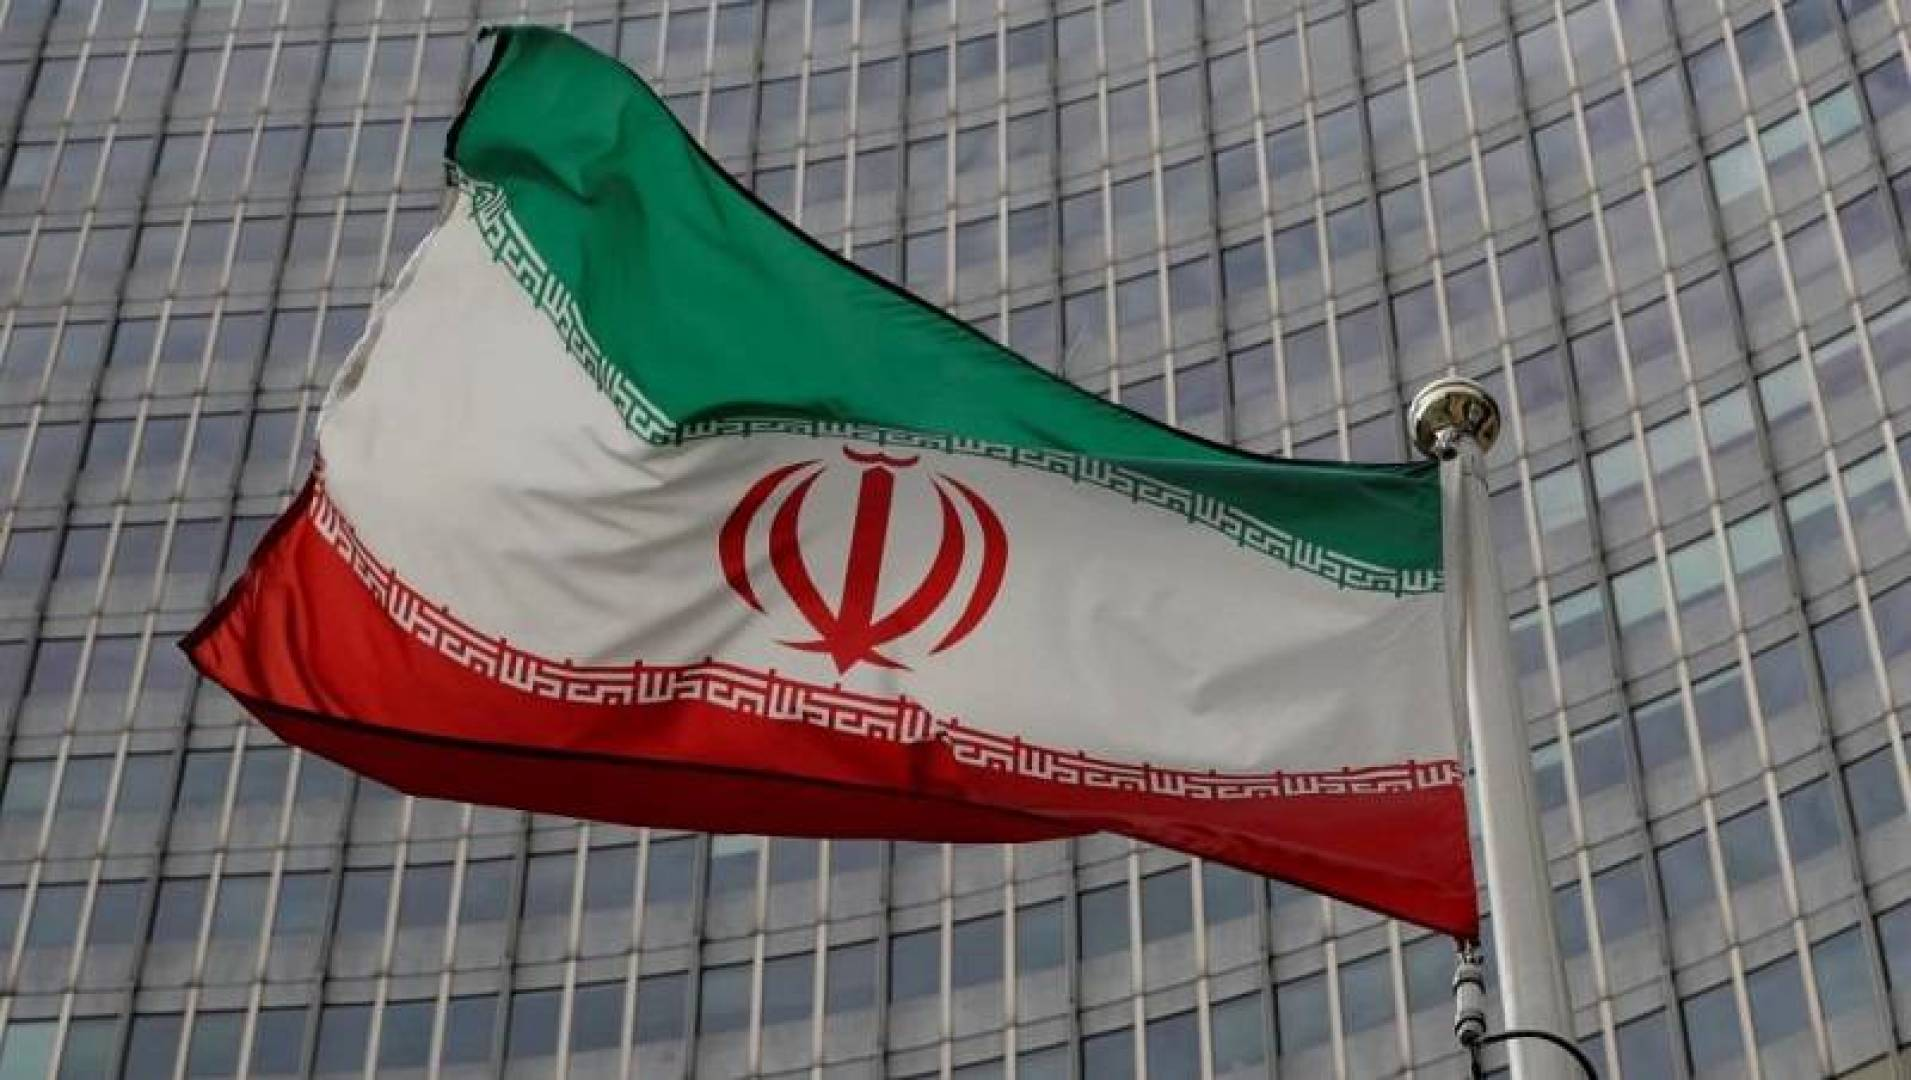 ألبانيا: الكشف عن شبكة إيرانية خططت لهجمات ضد معارضيين إيرانيين في البلاد